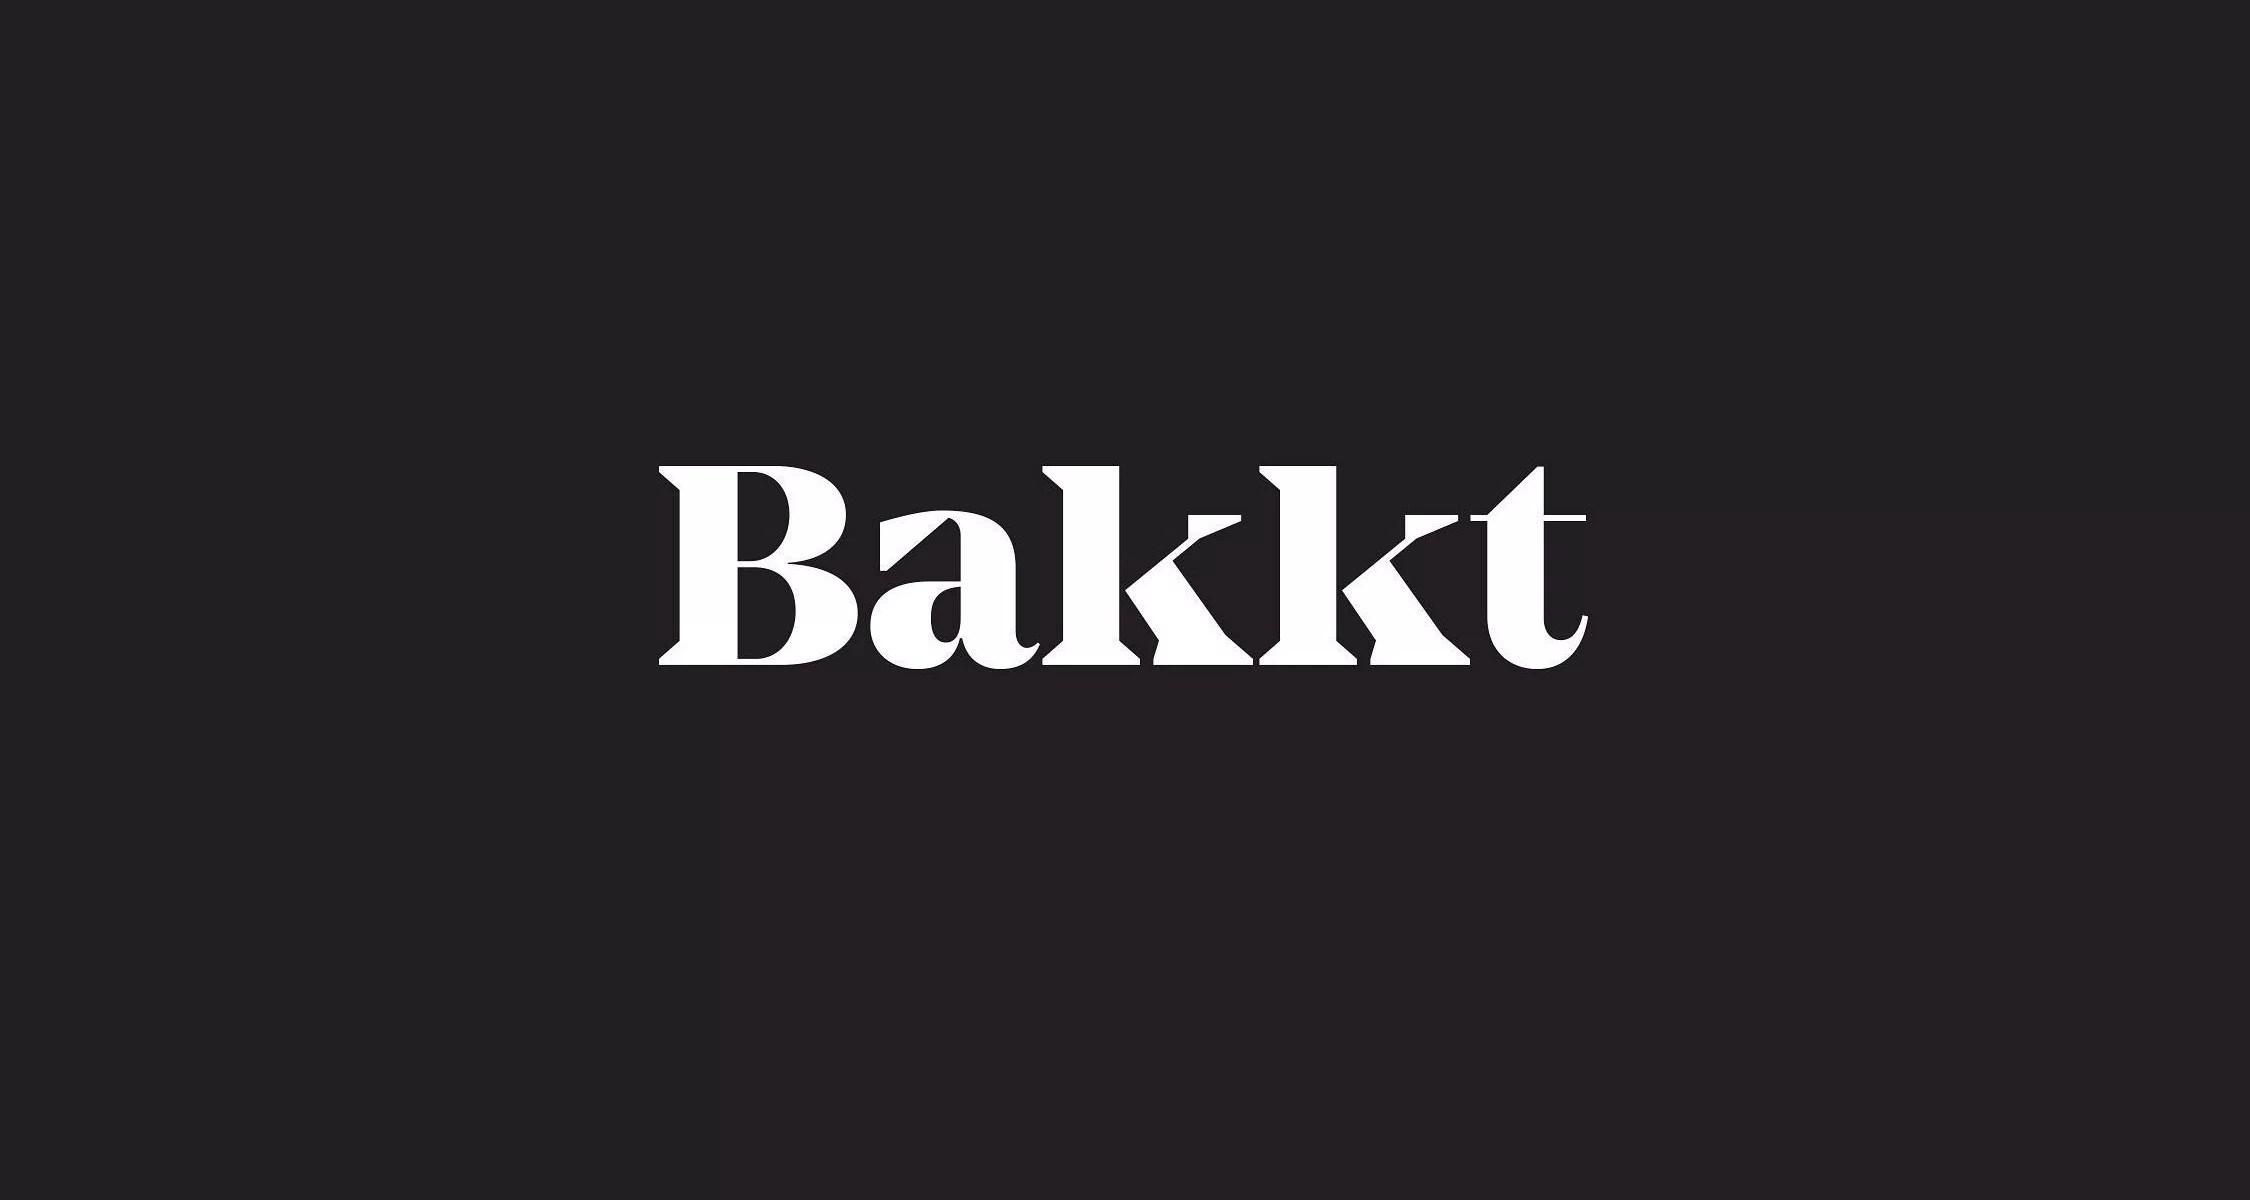 Bakkt ofrece detalles sobre su prueba de los futuros de Bitcoin